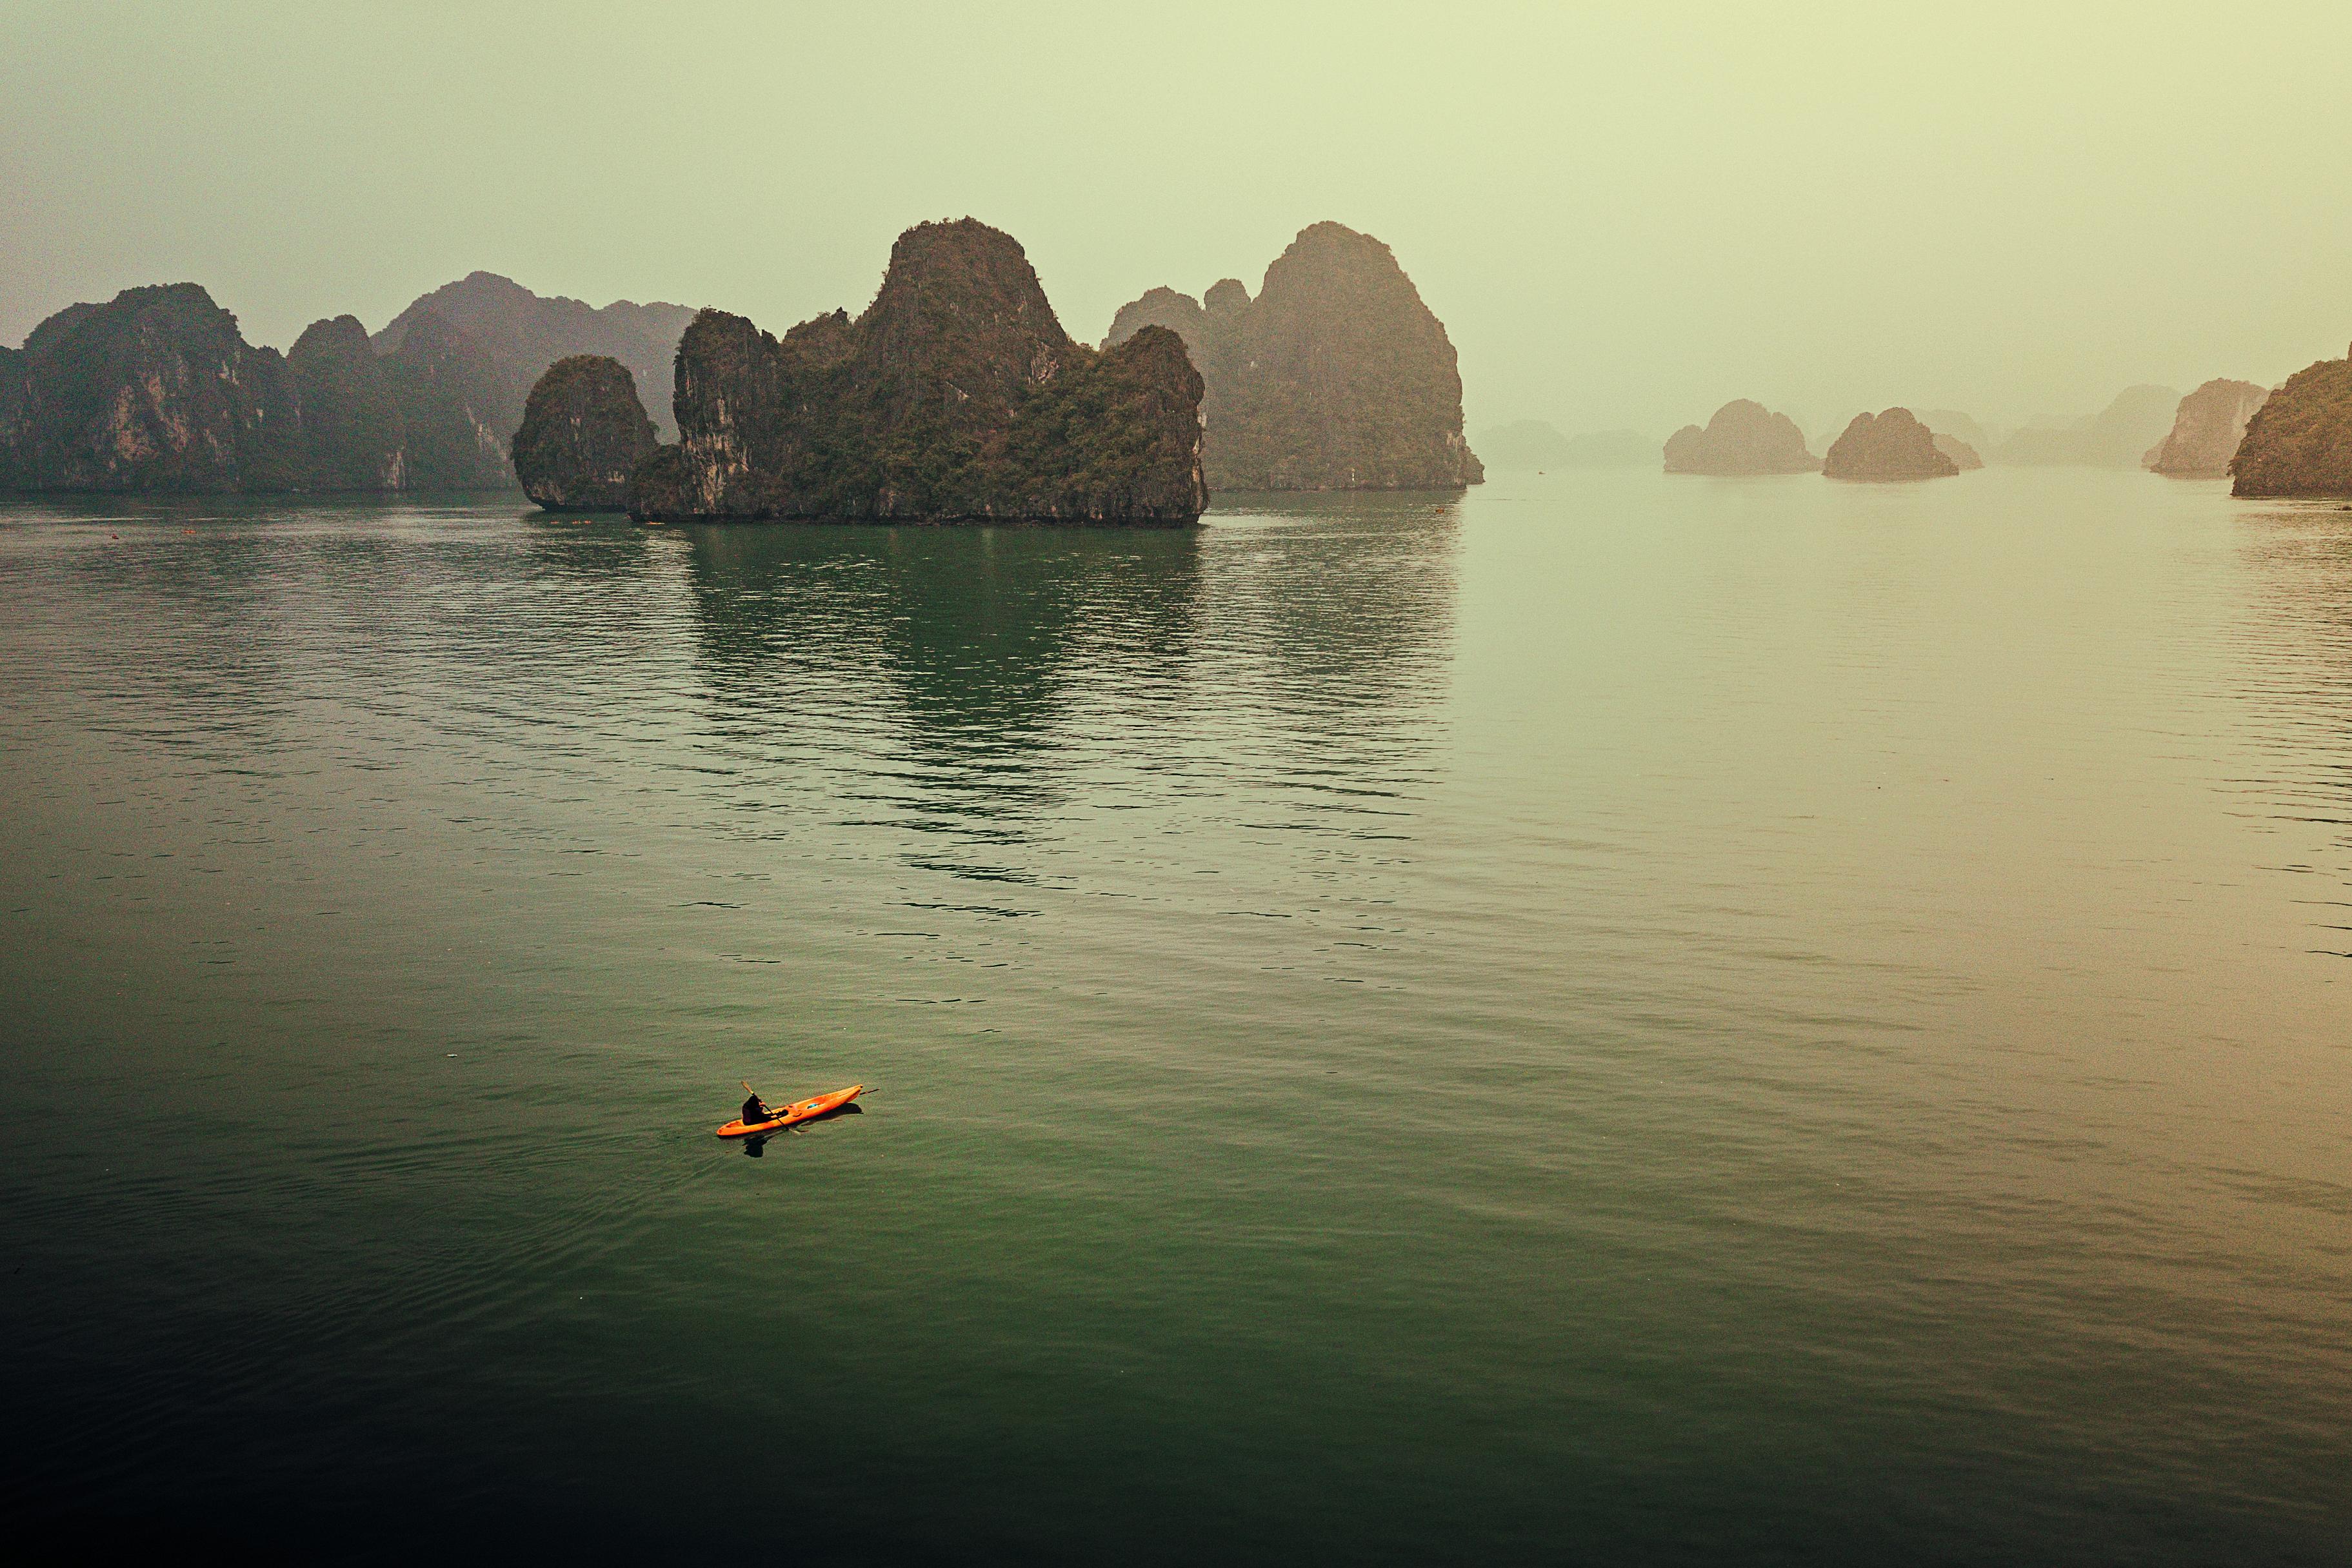 Heritage_Line_-_LH_Ginger_-_Kayaking_2.jpg